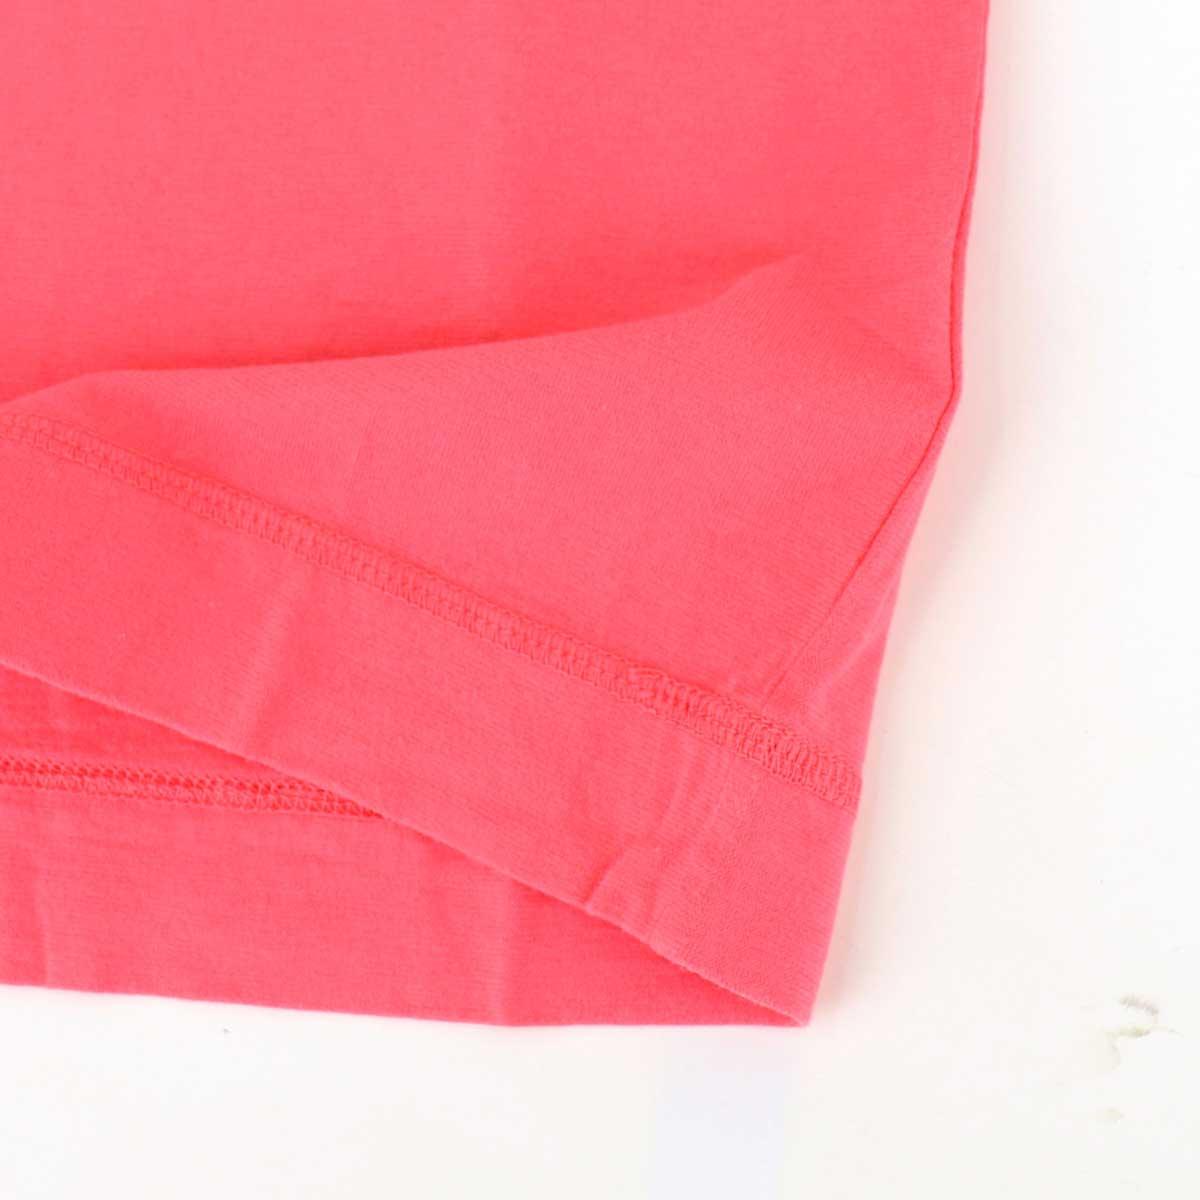 【クリアランスセール】スウィープ!! ロサンゼルス SWEEP!! LosAngeles メンズ コットン 半袖 クルーネックTシャツ CREW SWFJCRW-07 PINK2(ピンク)【返品交換不可】